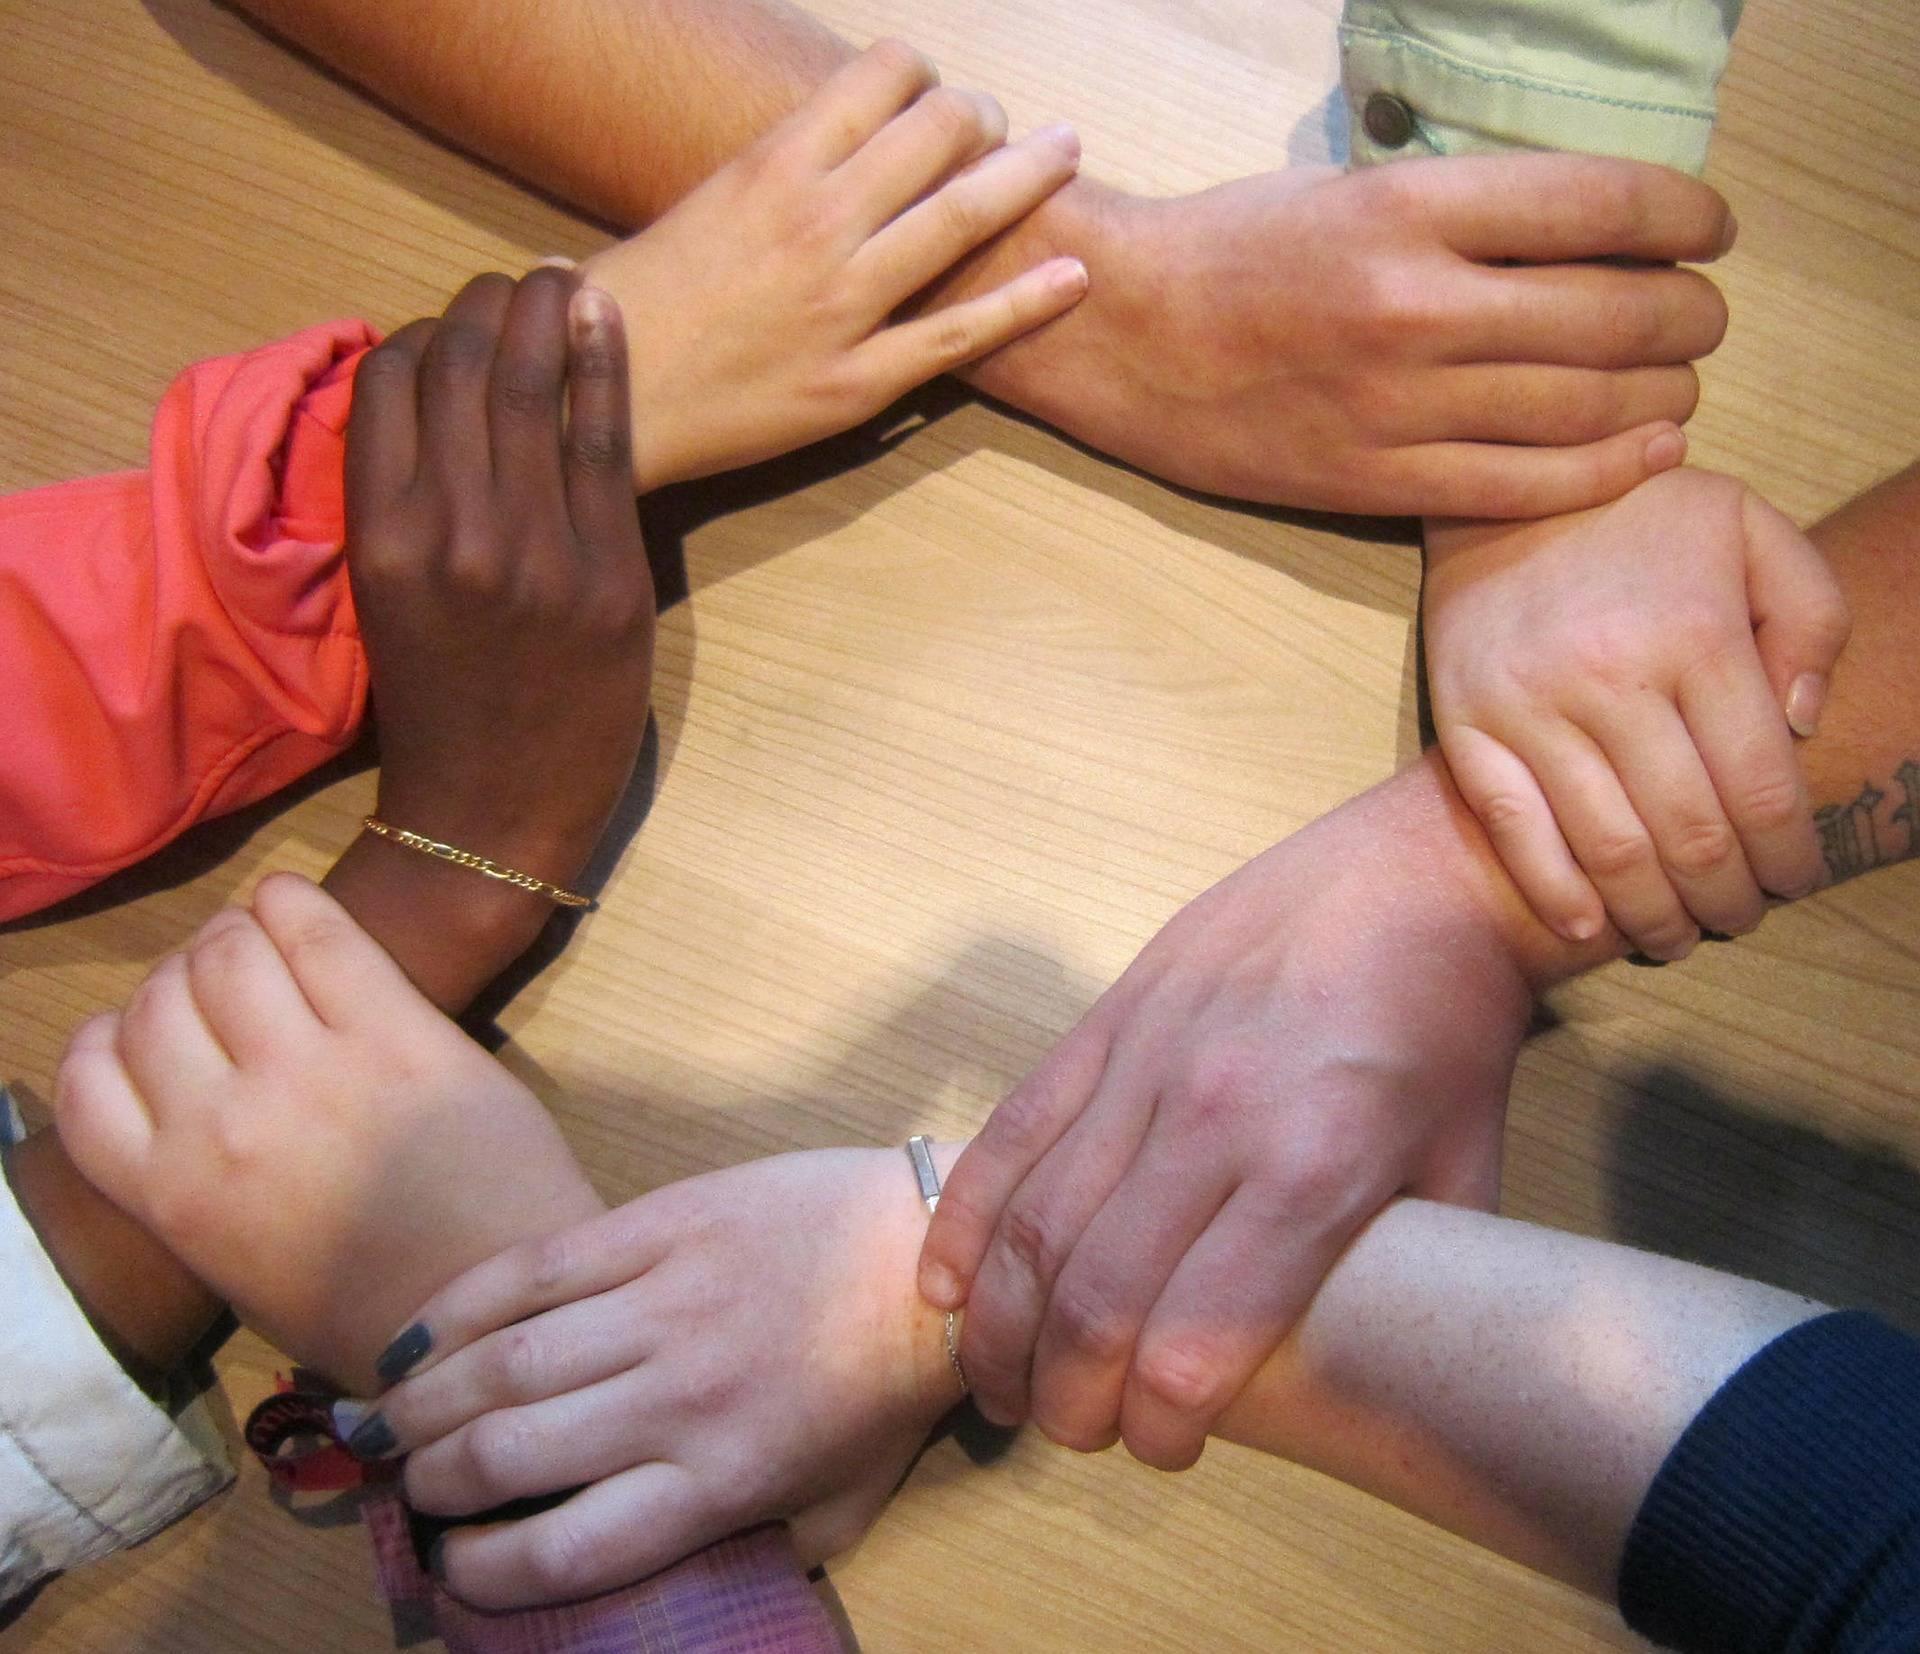 Hände, die einander halten / together-hands-pixabay-cc0-acky24